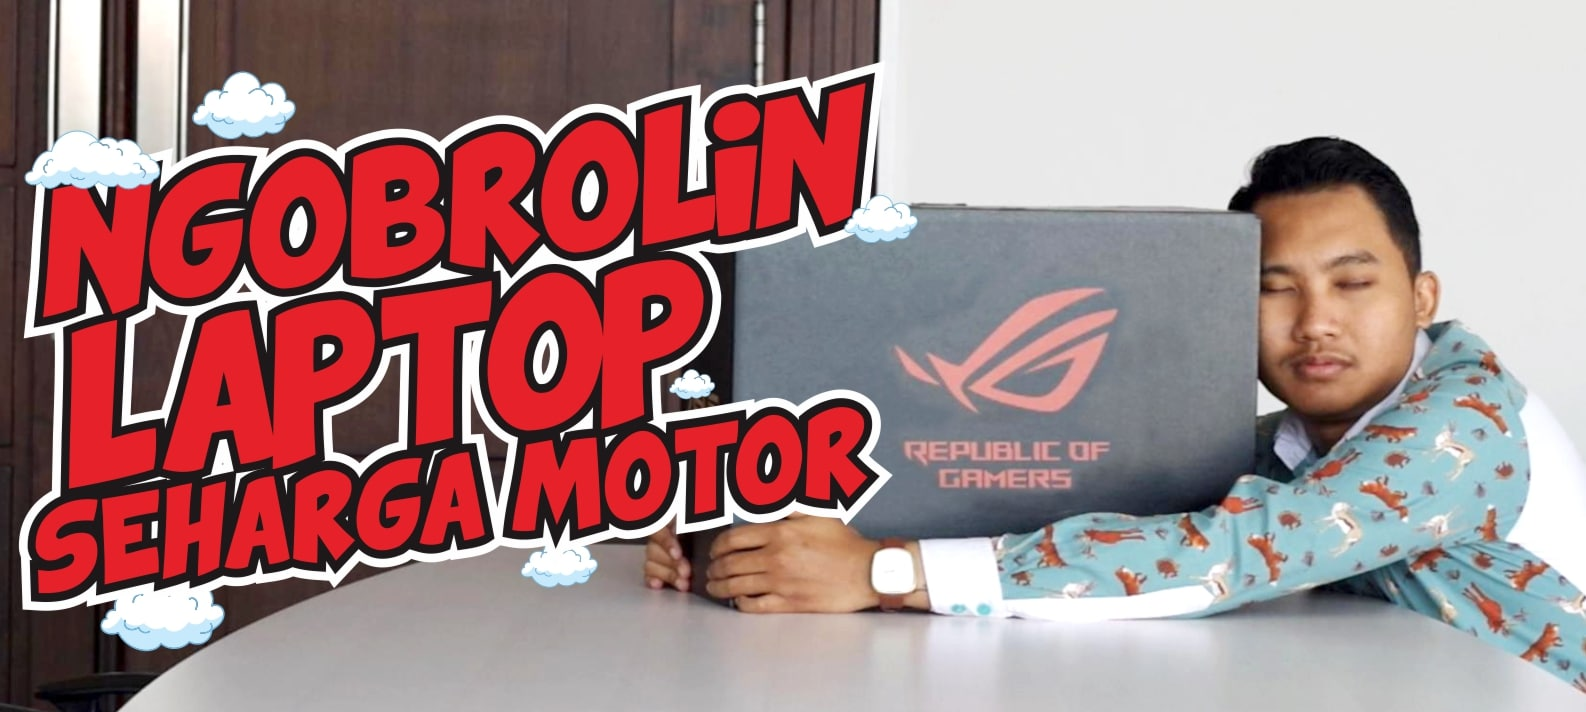 Ngobrolin Laptop Seharga Motor